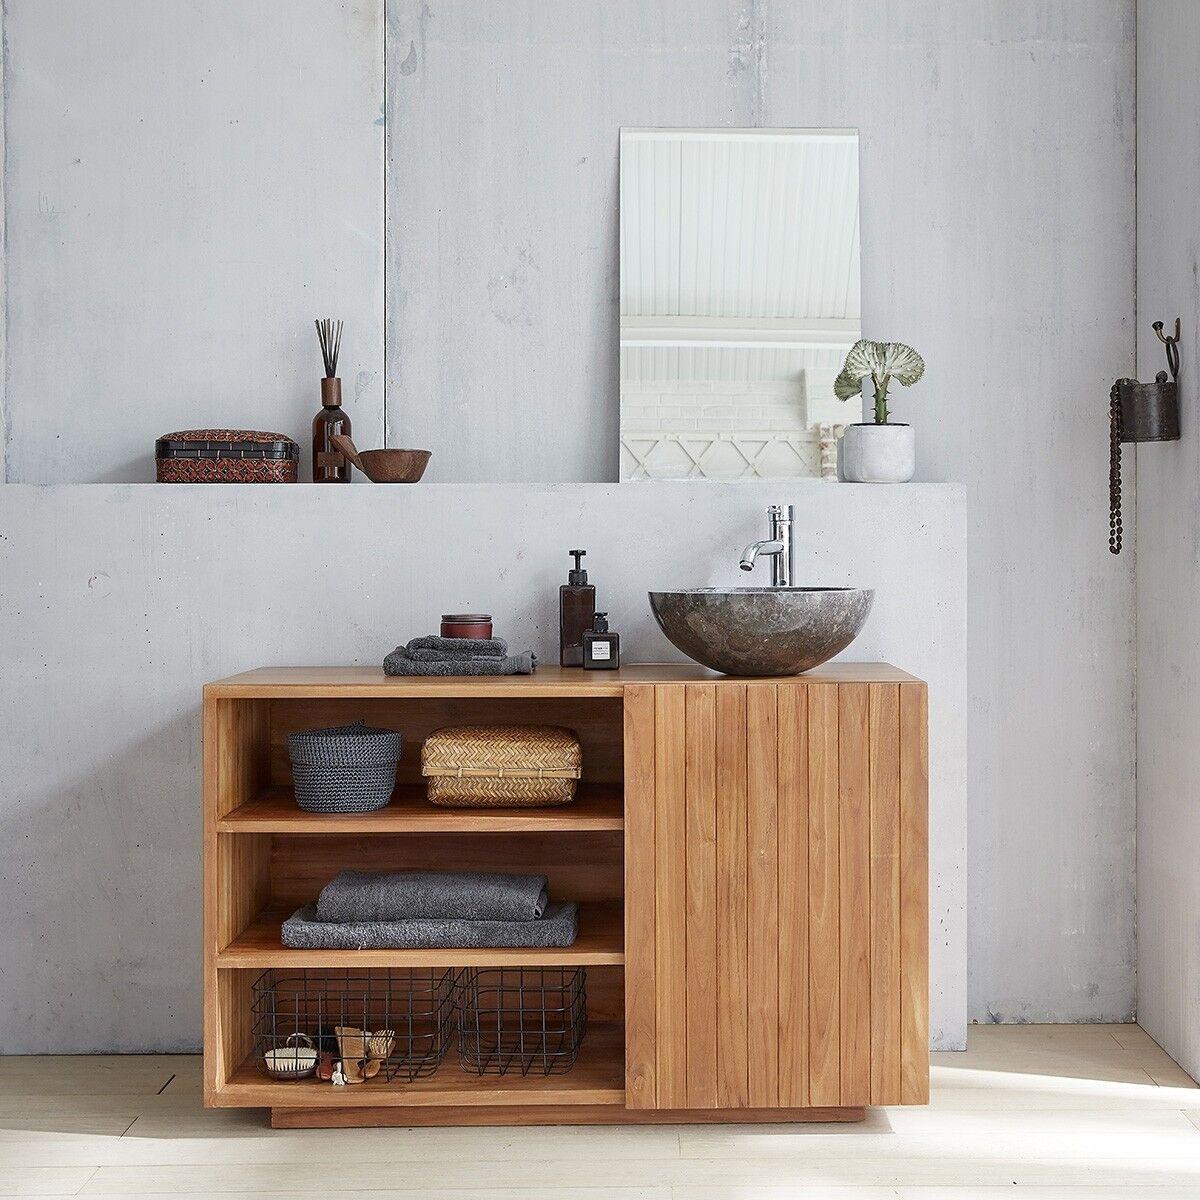 BOIS DESSUS BOIS DESSOUS Meuble de salle de bain en bois de teck 120 BOIS DESSUS BOIS DESSOUS